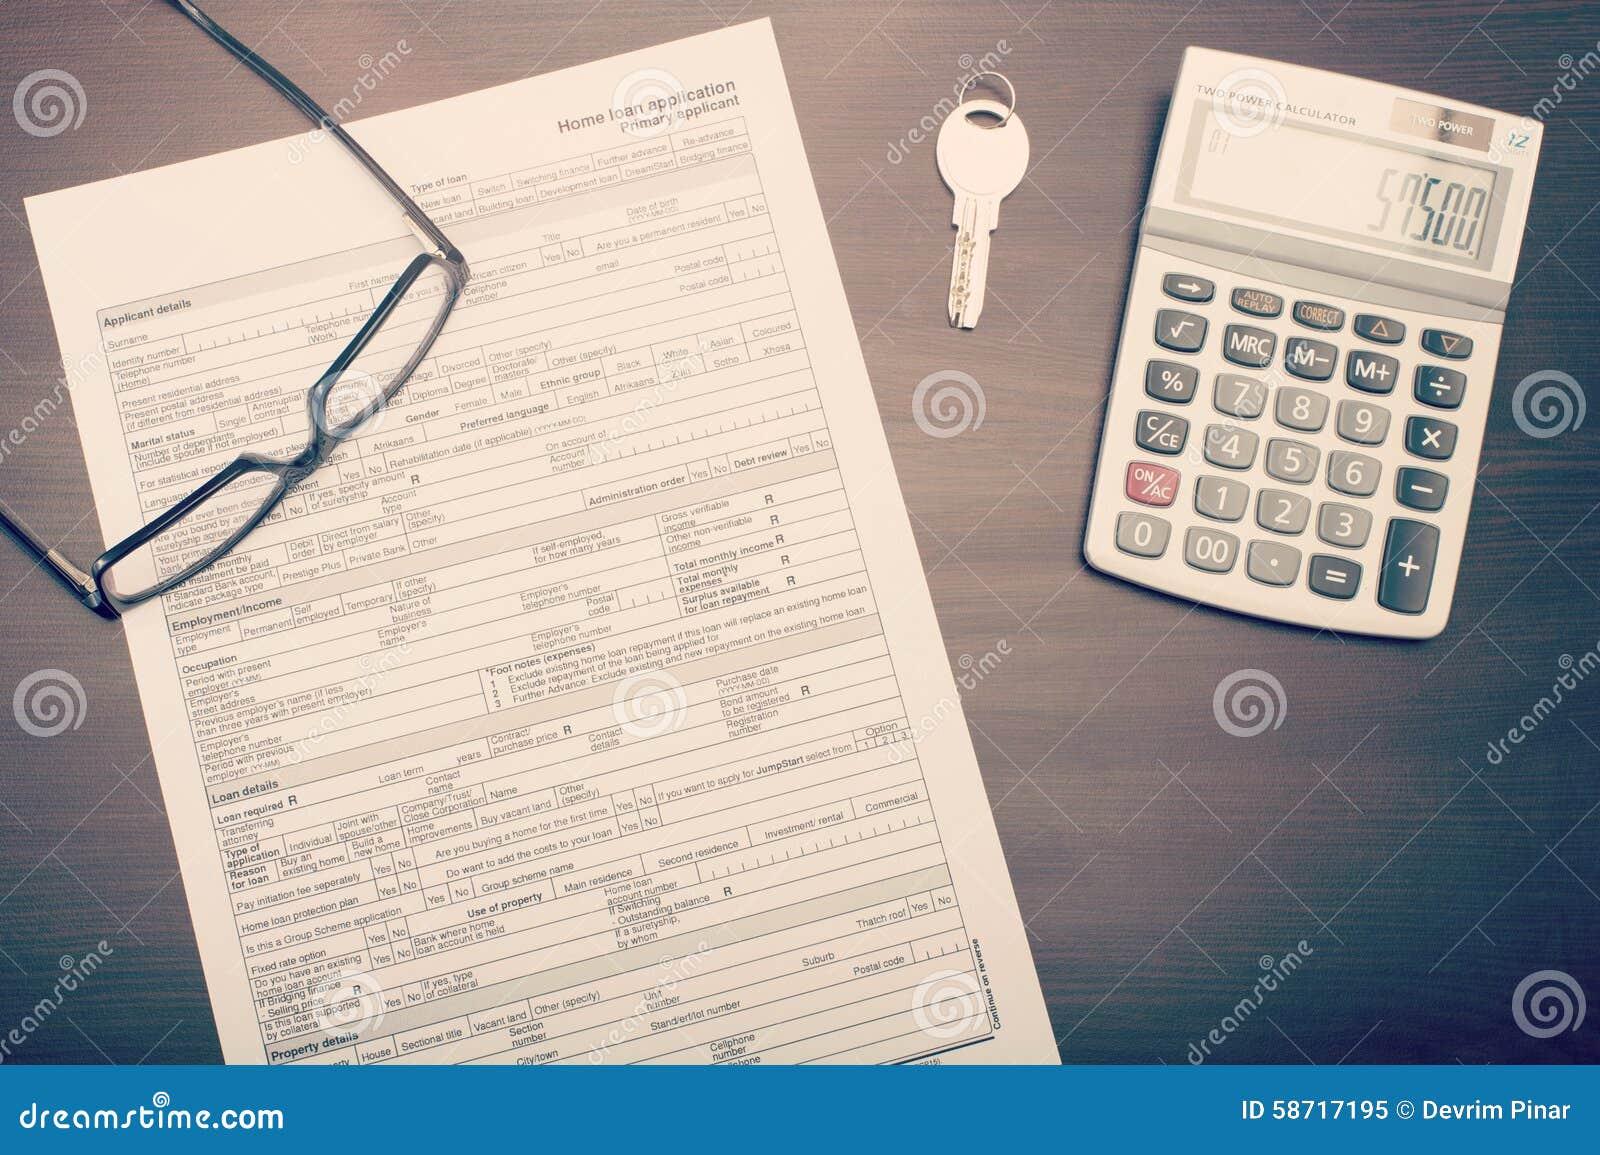 Wohnungsbaudarlehenanmeldeformular